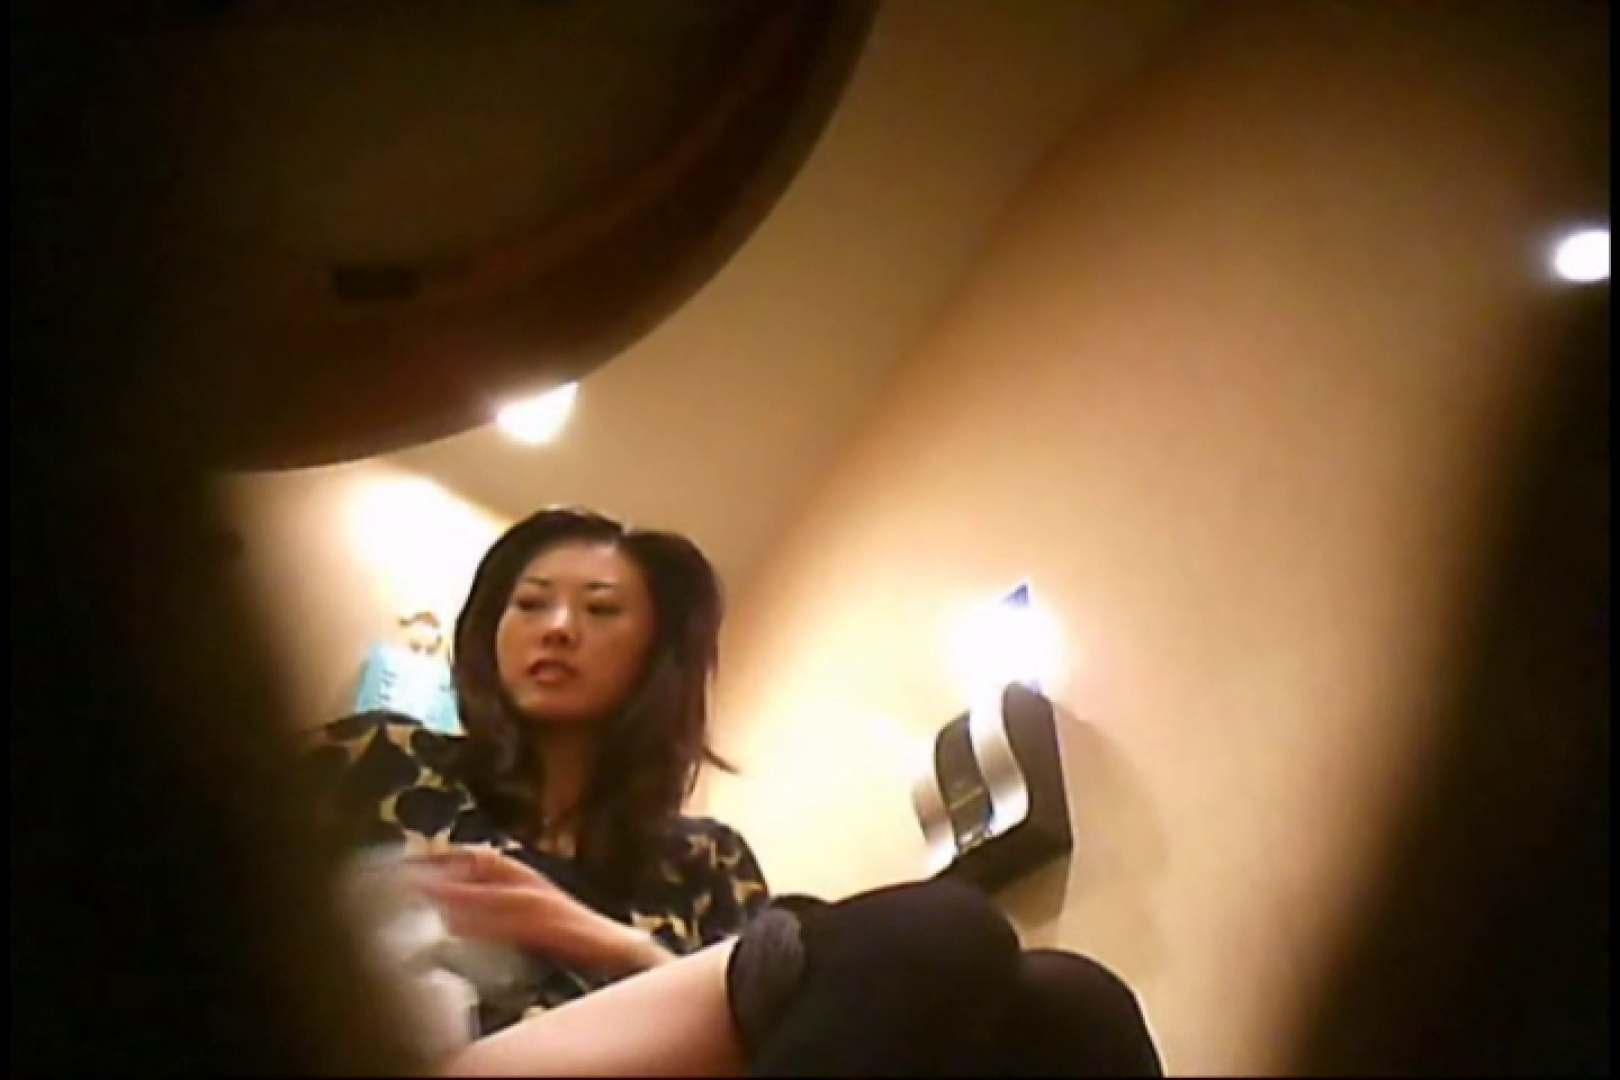 潜入!!女子化粧室盗撮~絶対見られたくない時間~vo,127 潜入 AV無料動画キャプチャ 105pic 83